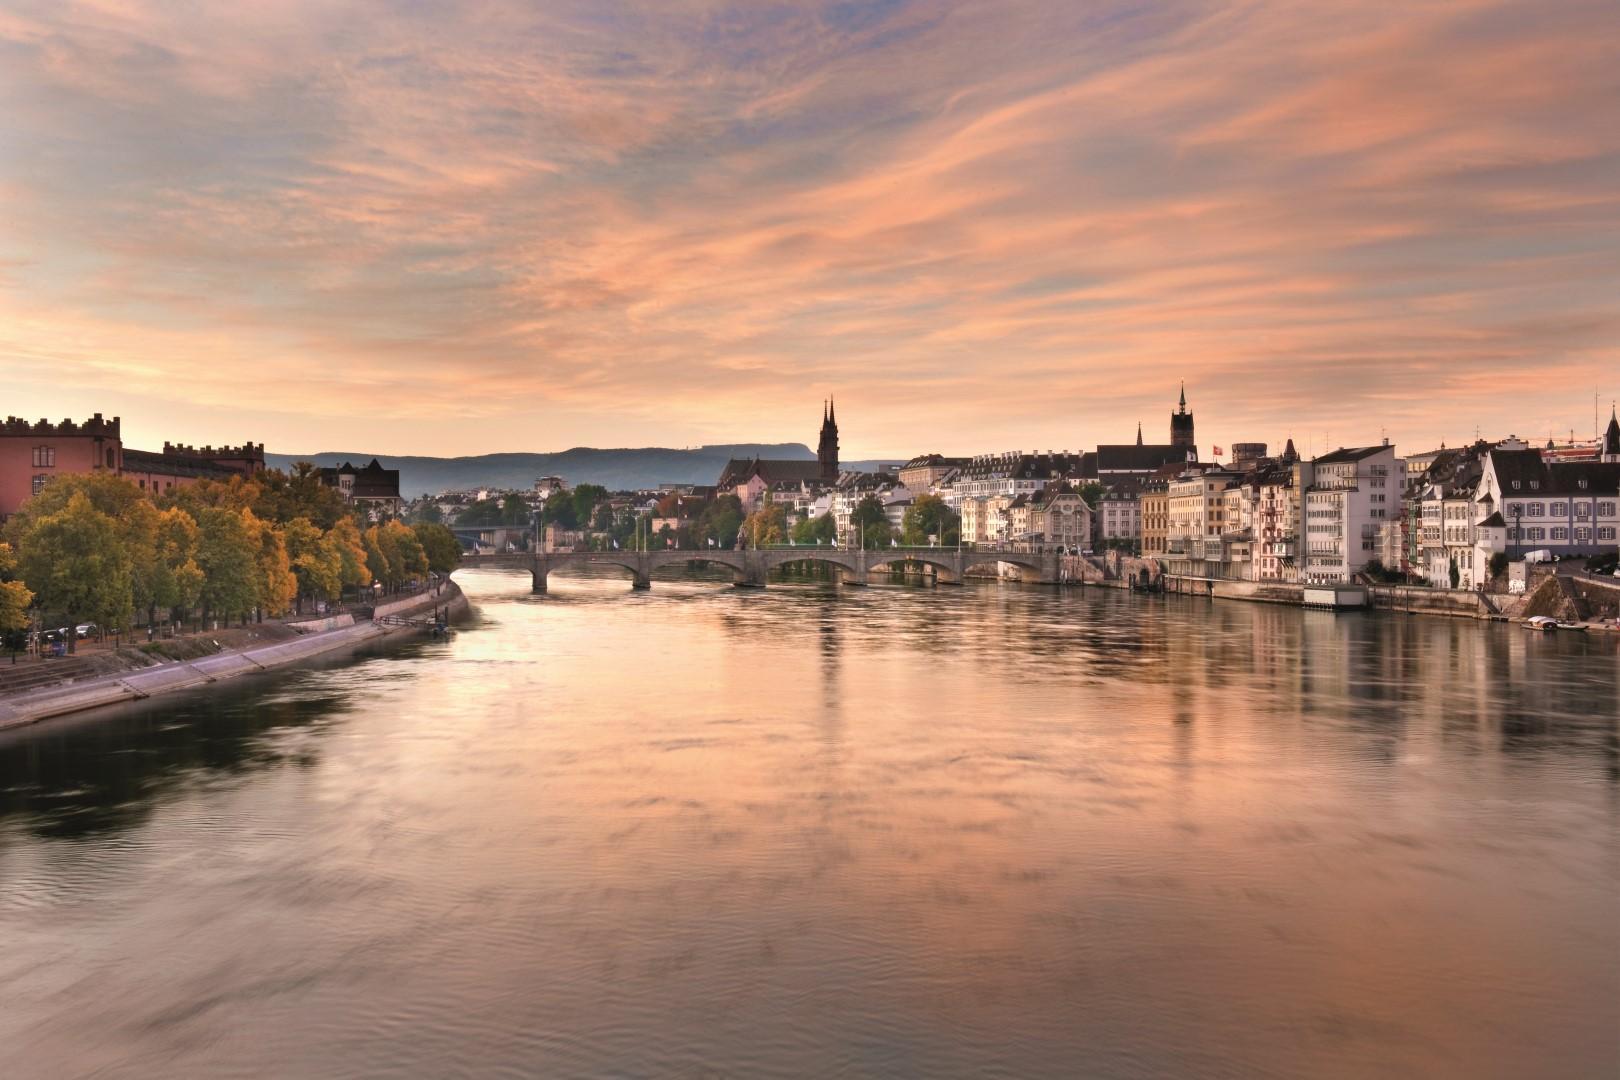 Svizzera cool: a spasso per nove città